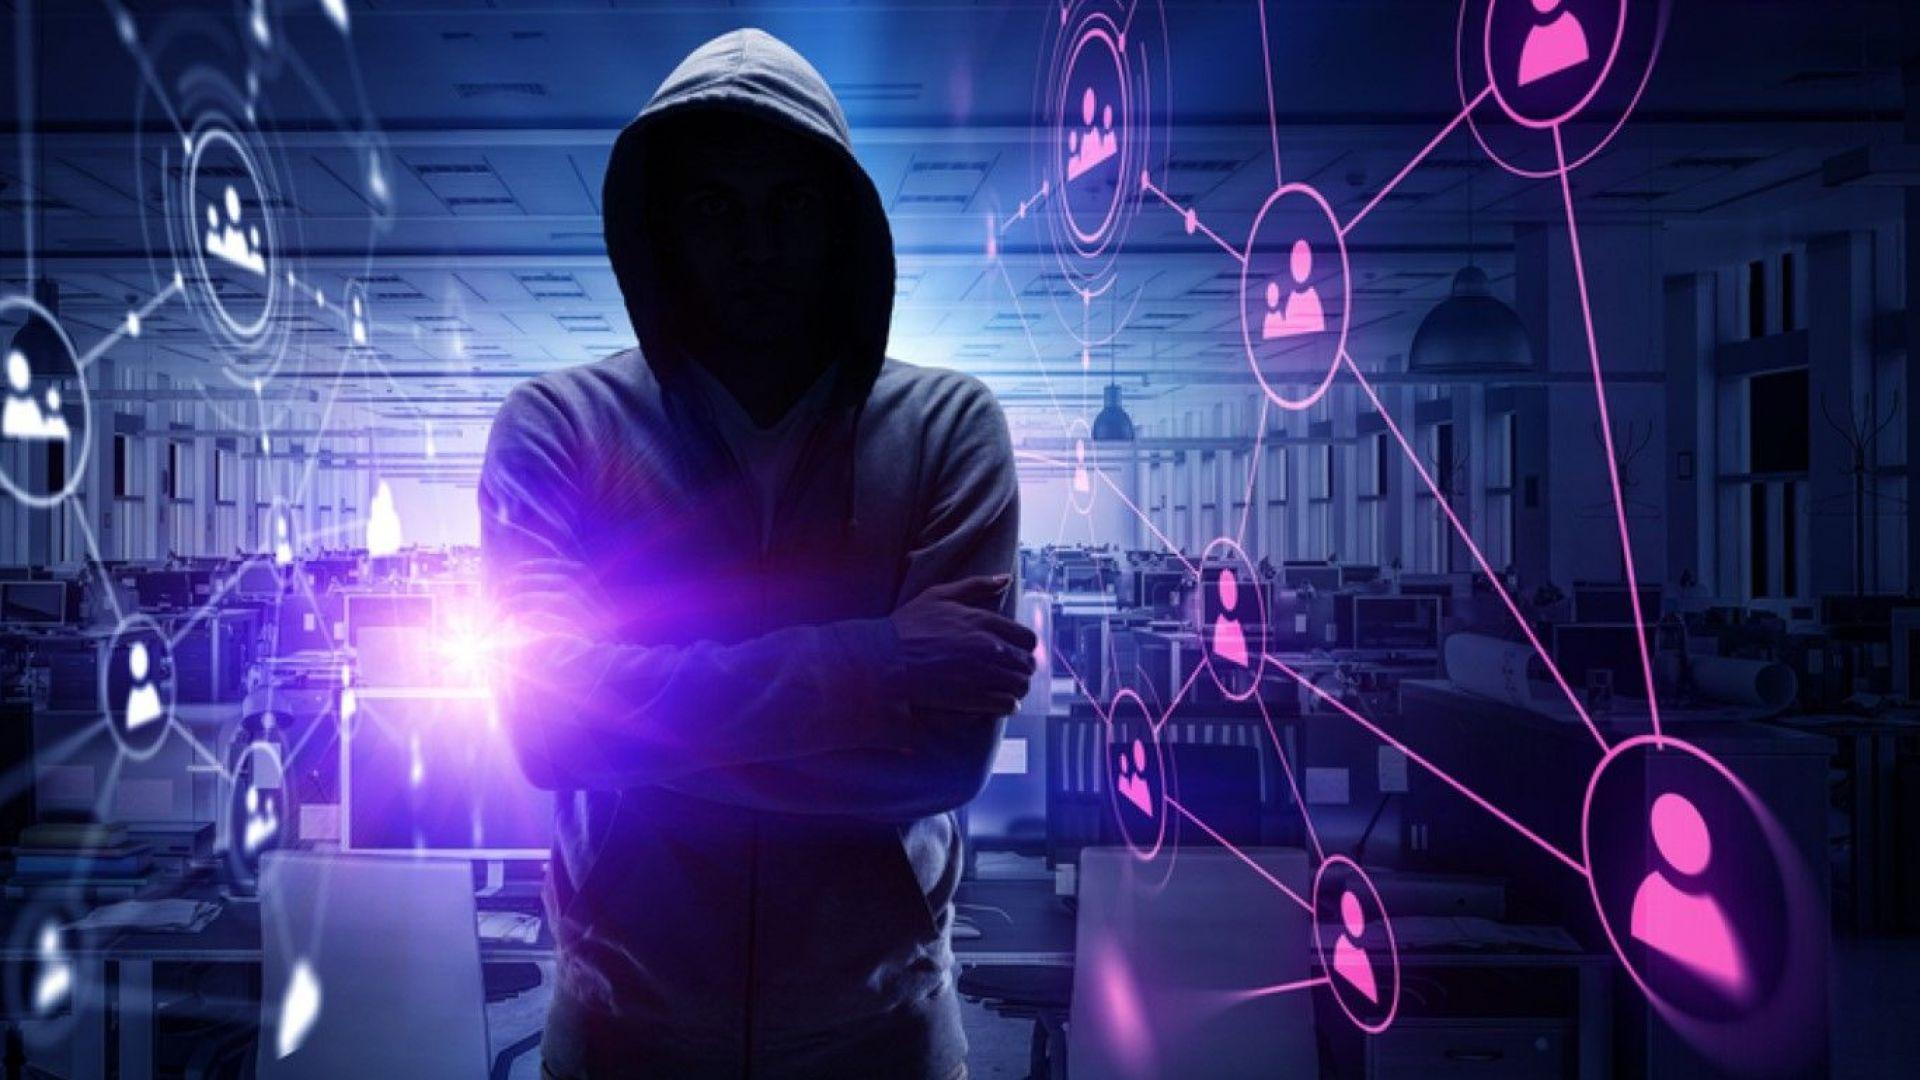 САЩ повдигат обвинения срещу седем руски агенти за хакерски атаки